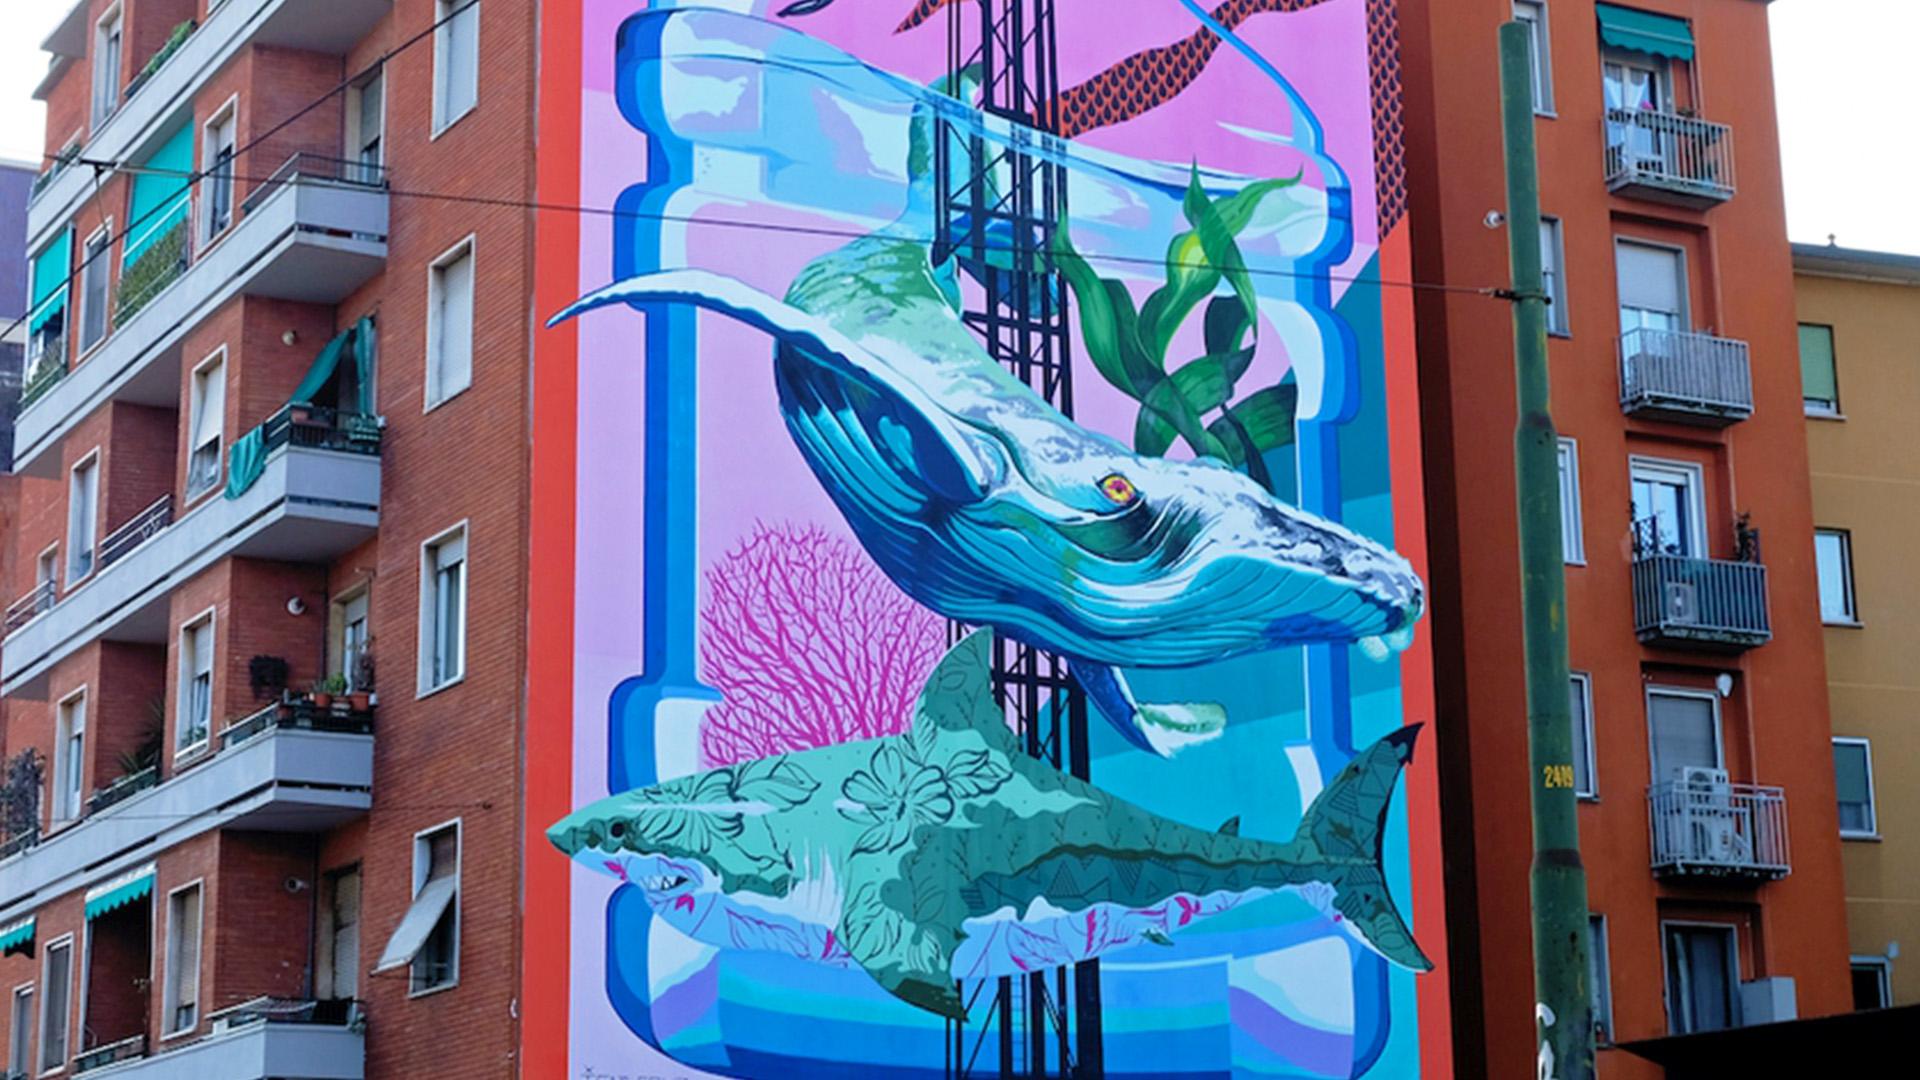 Street Art Milano: Apre l'ufficio arte negli spazi pubblici